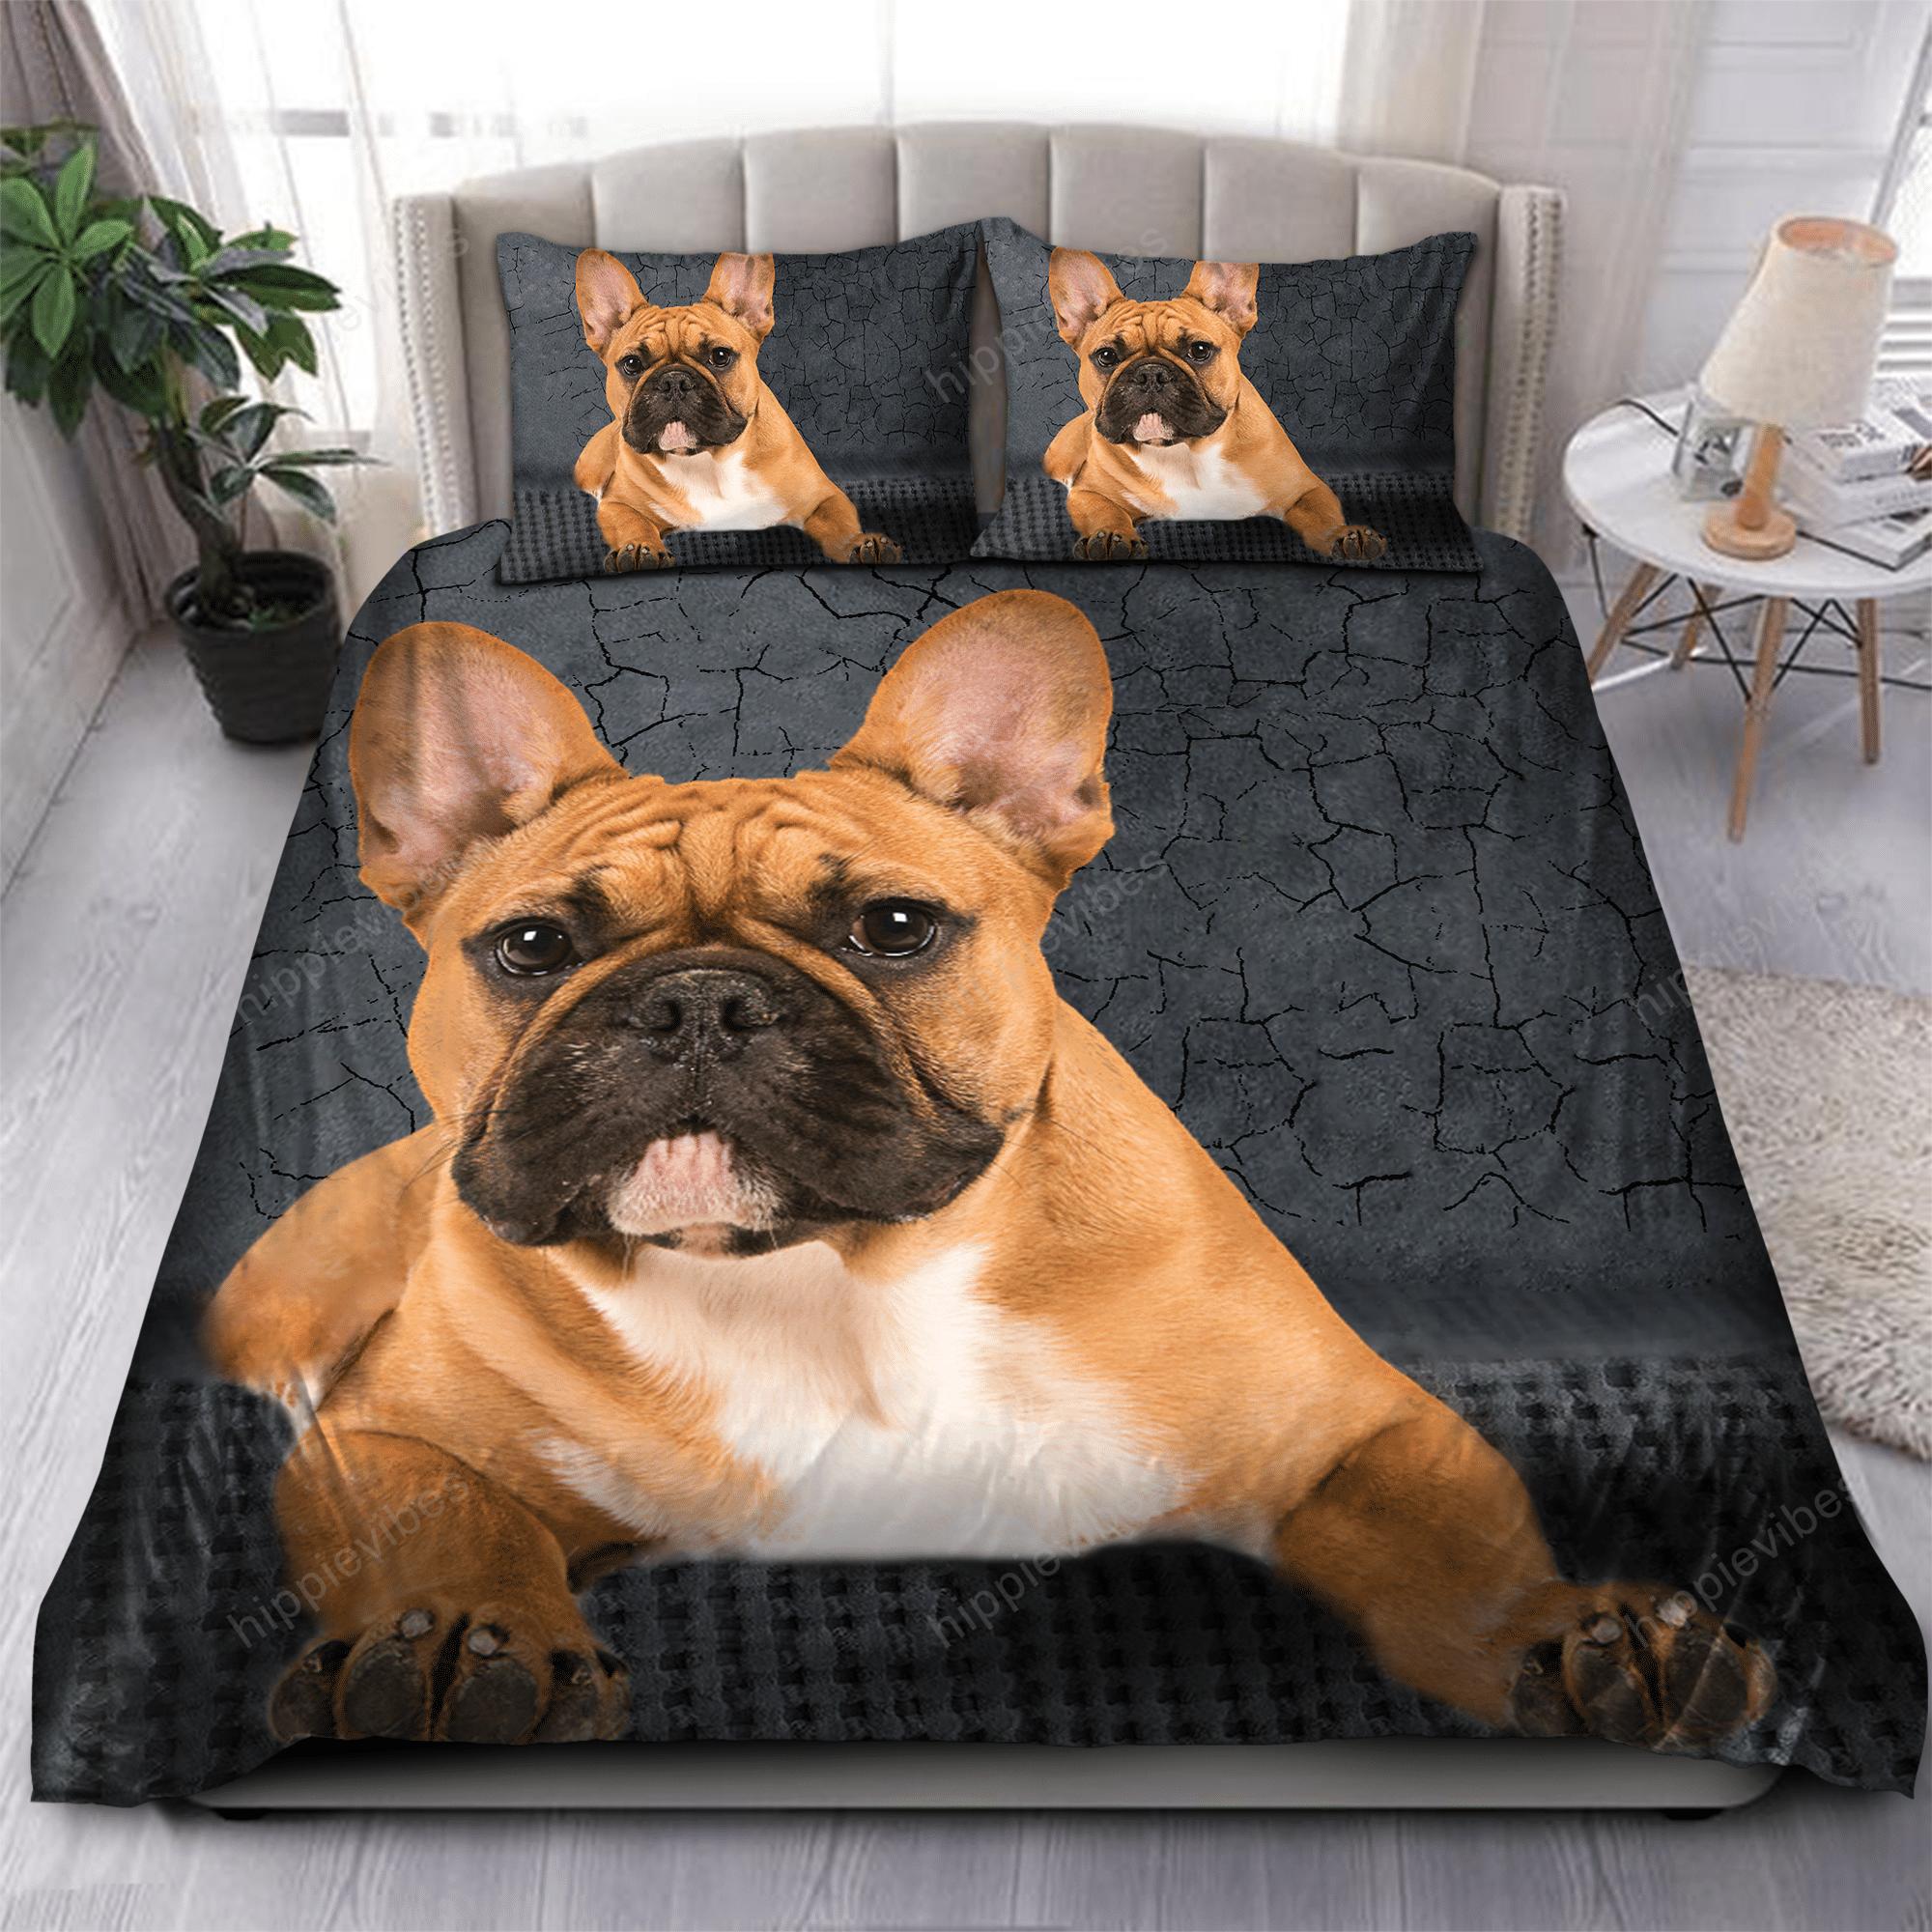 French Bulldog V2 Bedding Set